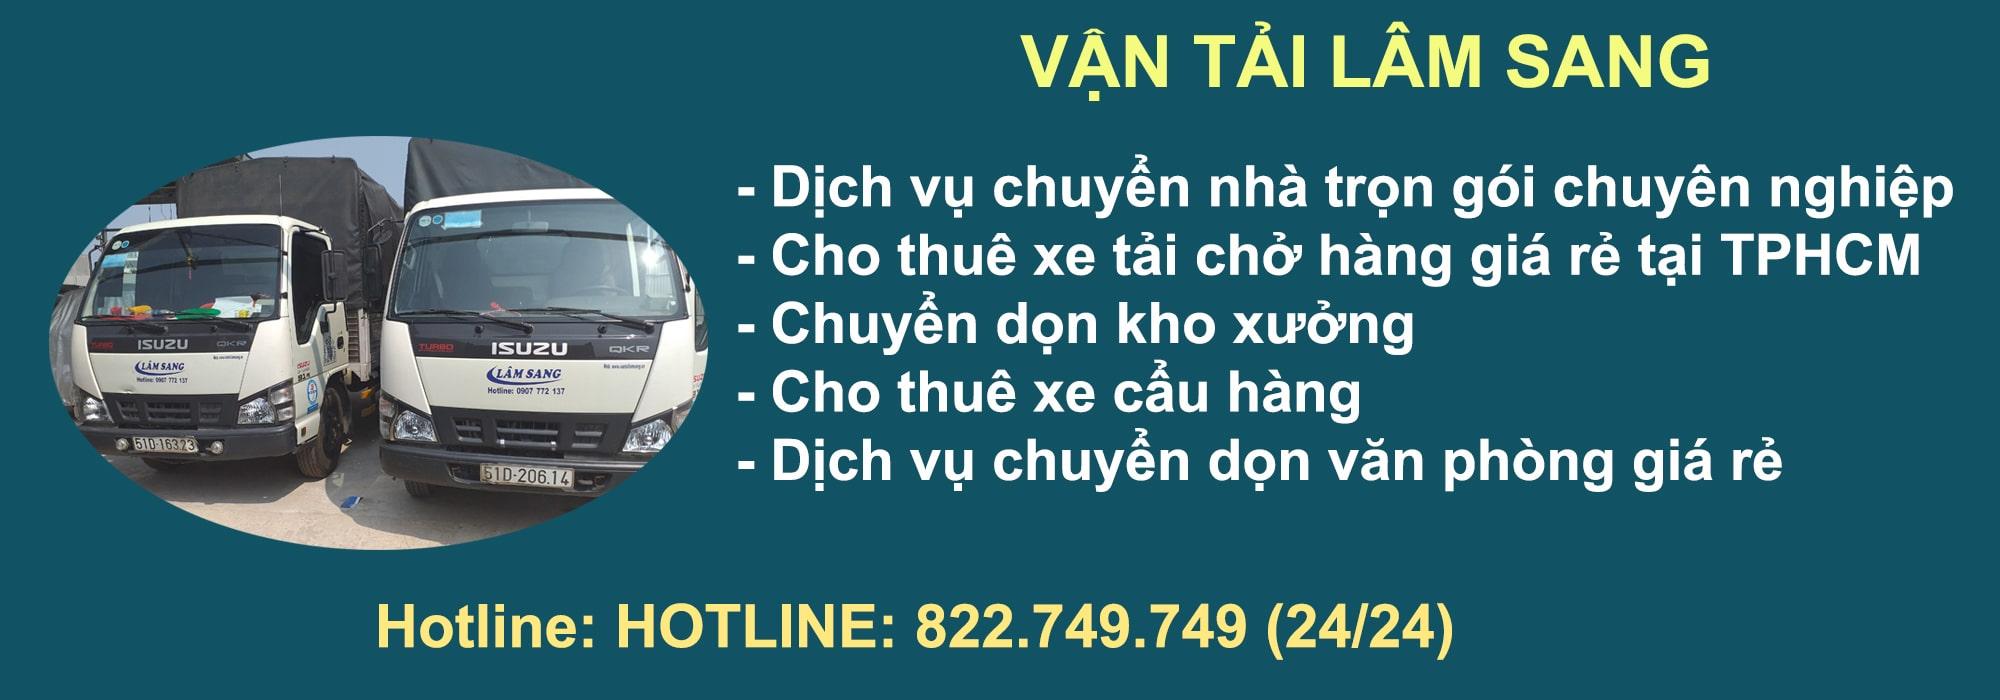 Chuyển văn phòng Quận 4, Quận 5, Quận 6 giá rẻ-Dịch vụ cho thuê xe tải chở hàng - chuyển nhà - taxi tải